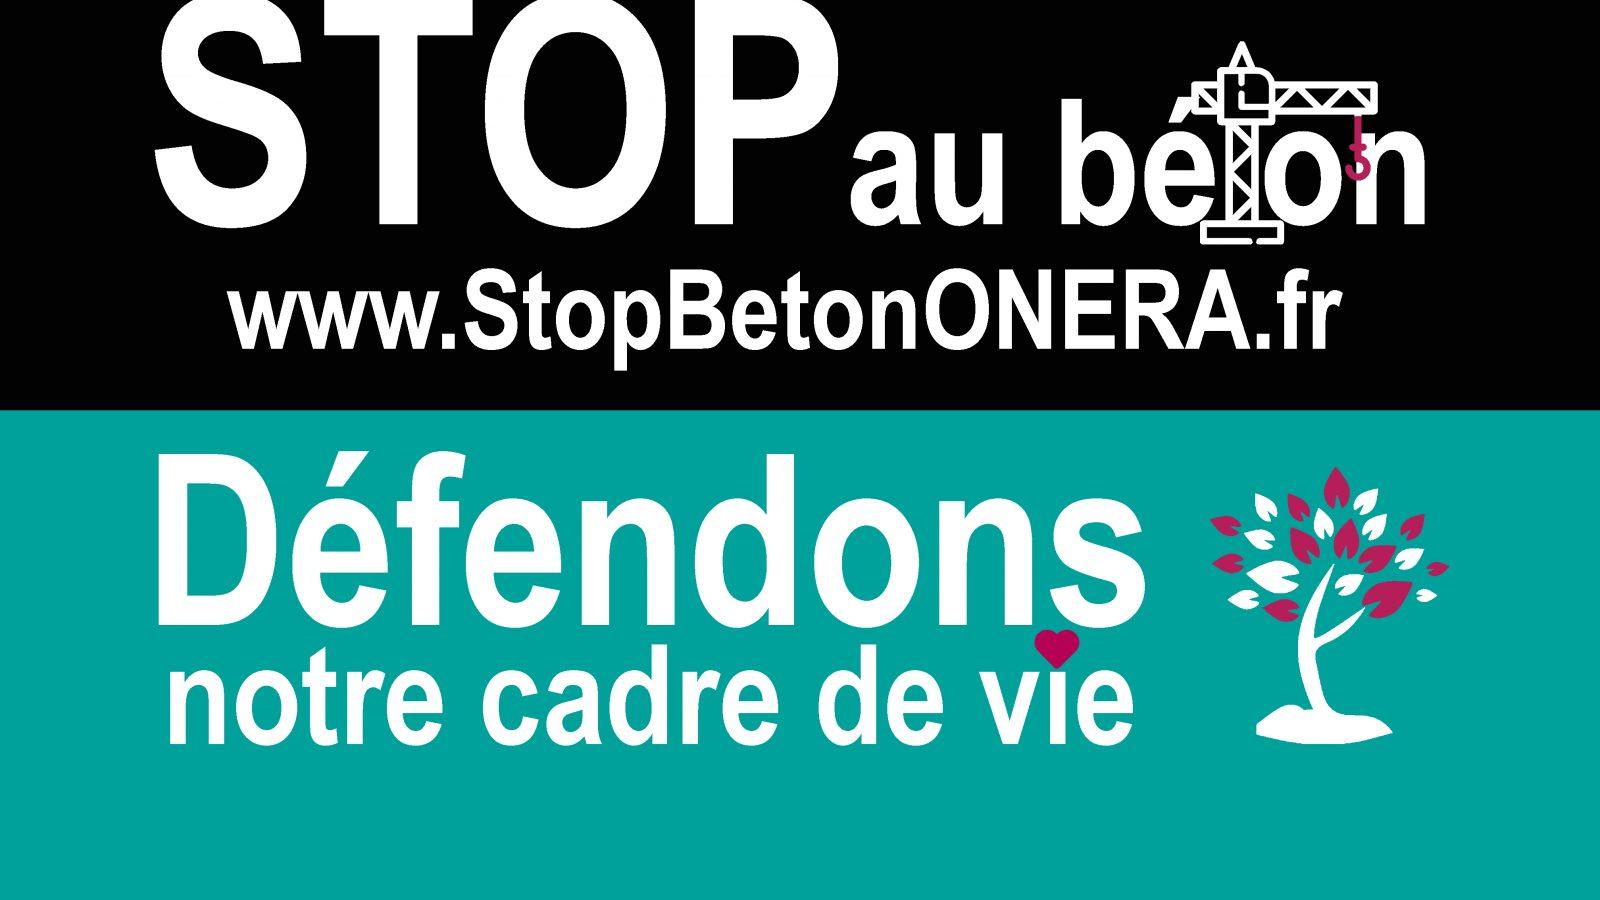 STOP BETON ONERA V5